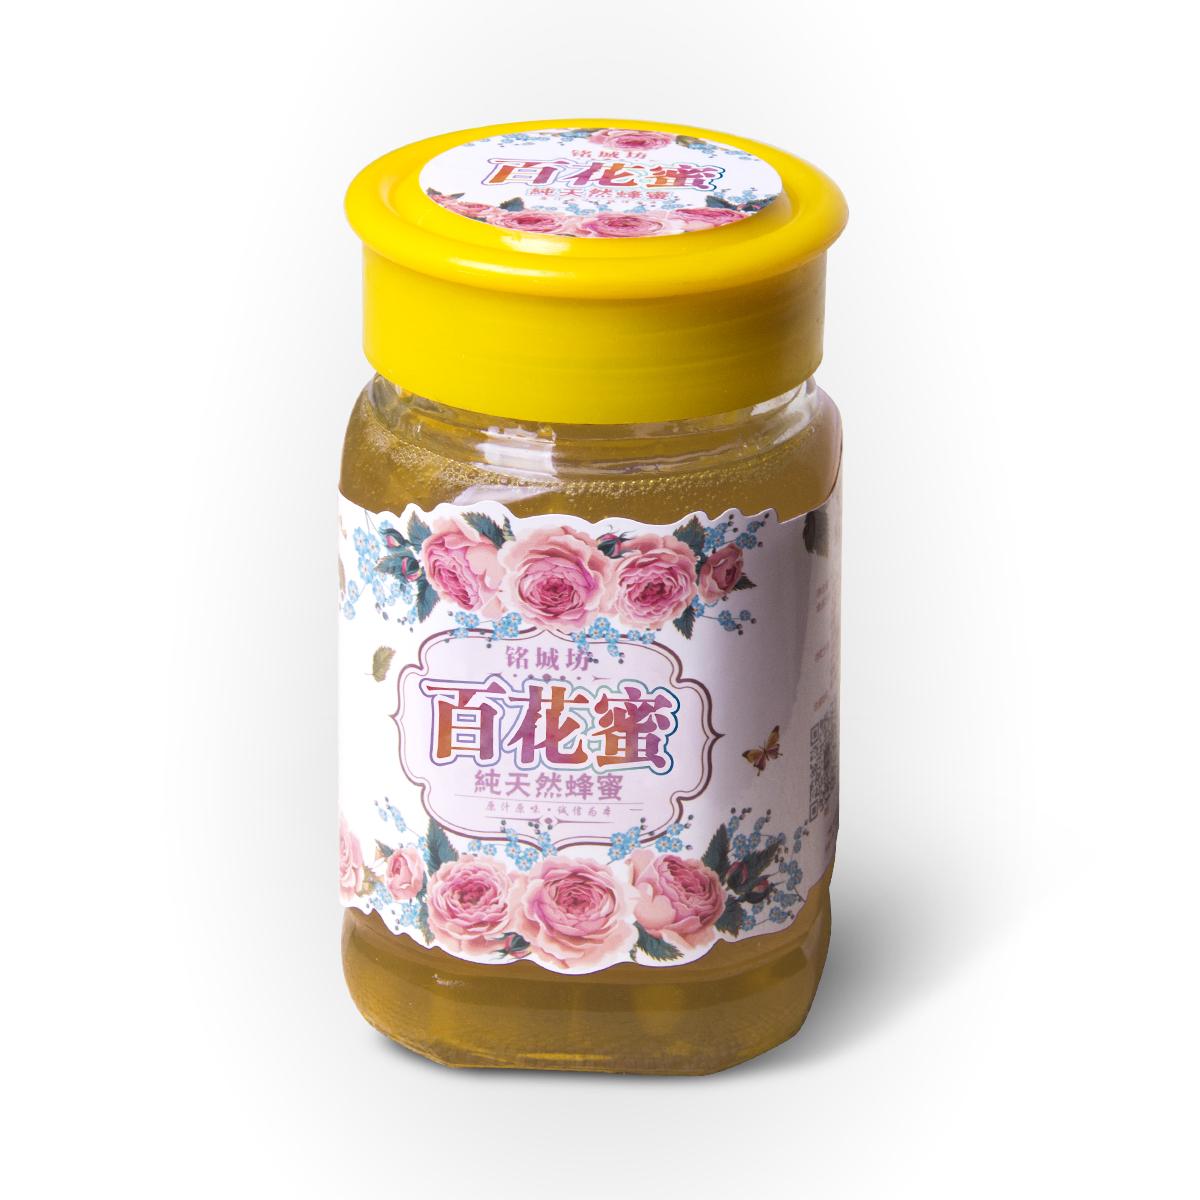 槐花蜜纯天然蜂蜜农家自产野生百花蜜土蜂蜜纯正源蜜结晶野山花蜜